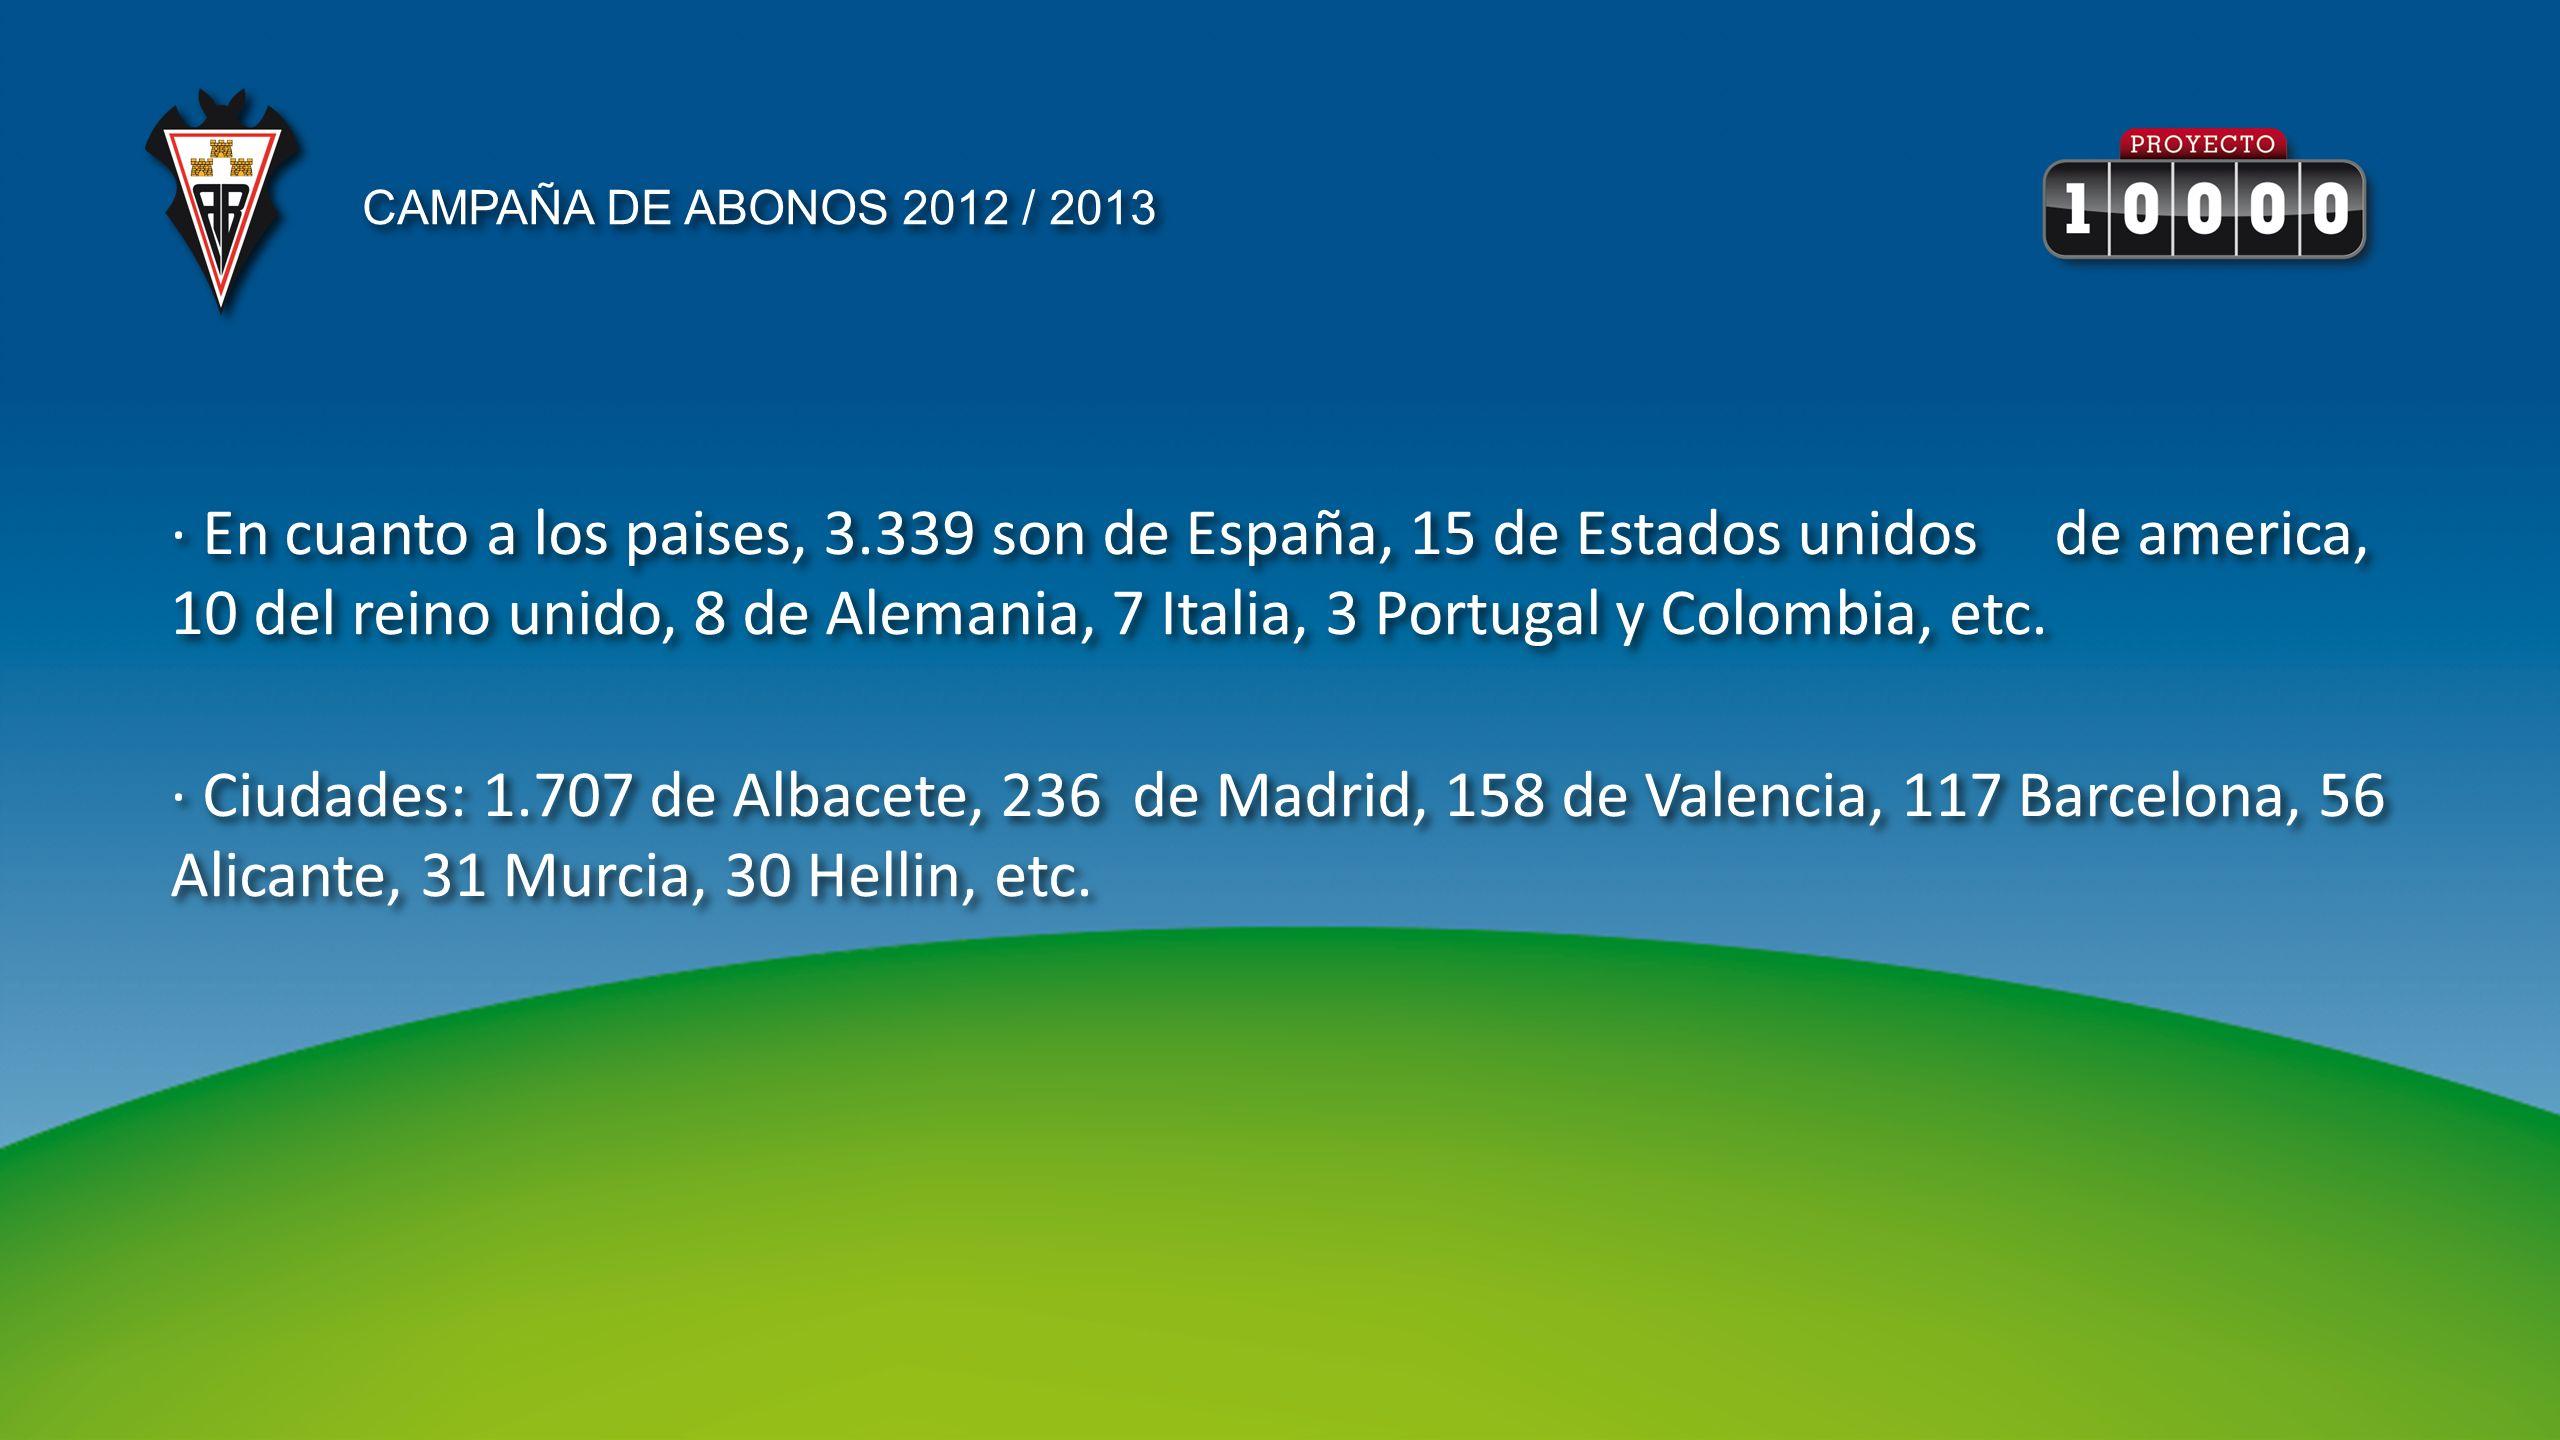 · En cuanto a los paises, 3.339 son de España, 15 de Estados unidos de america, 10 del reino unido, 8 de Alemania, 7 Italia, 3 Portugal y Colombia, et